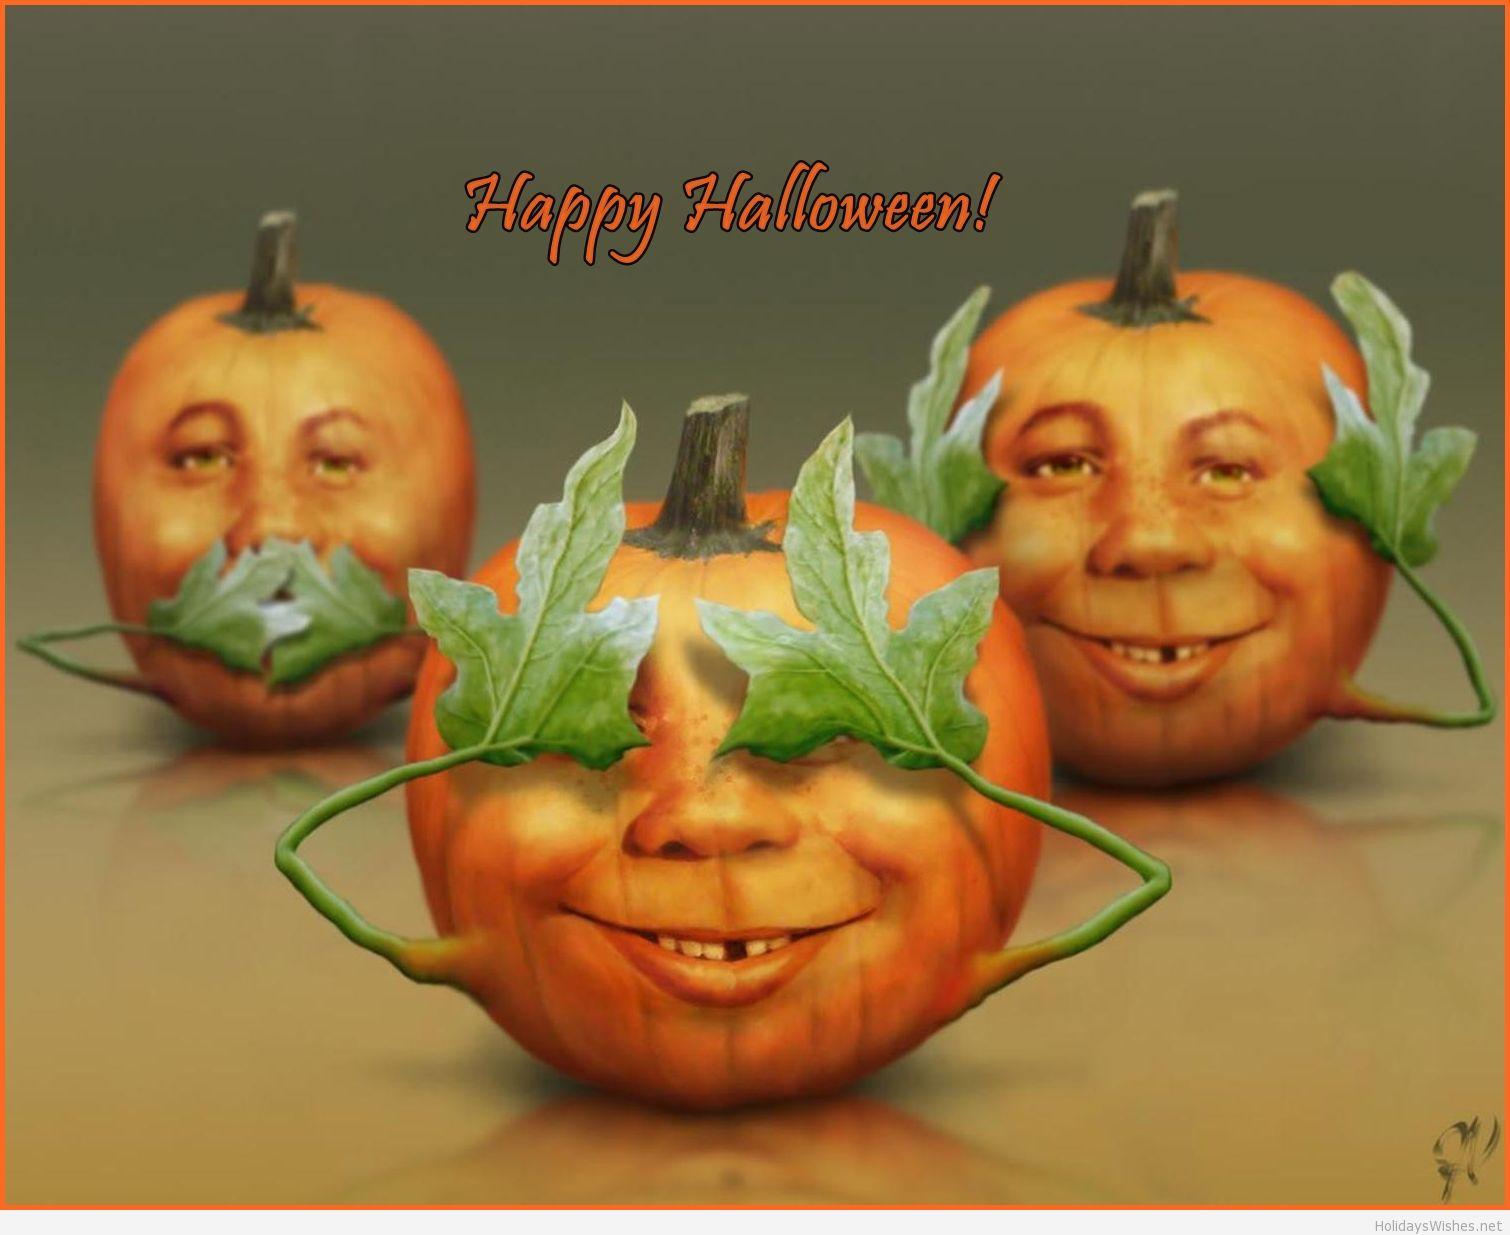 happy-halloween-funny